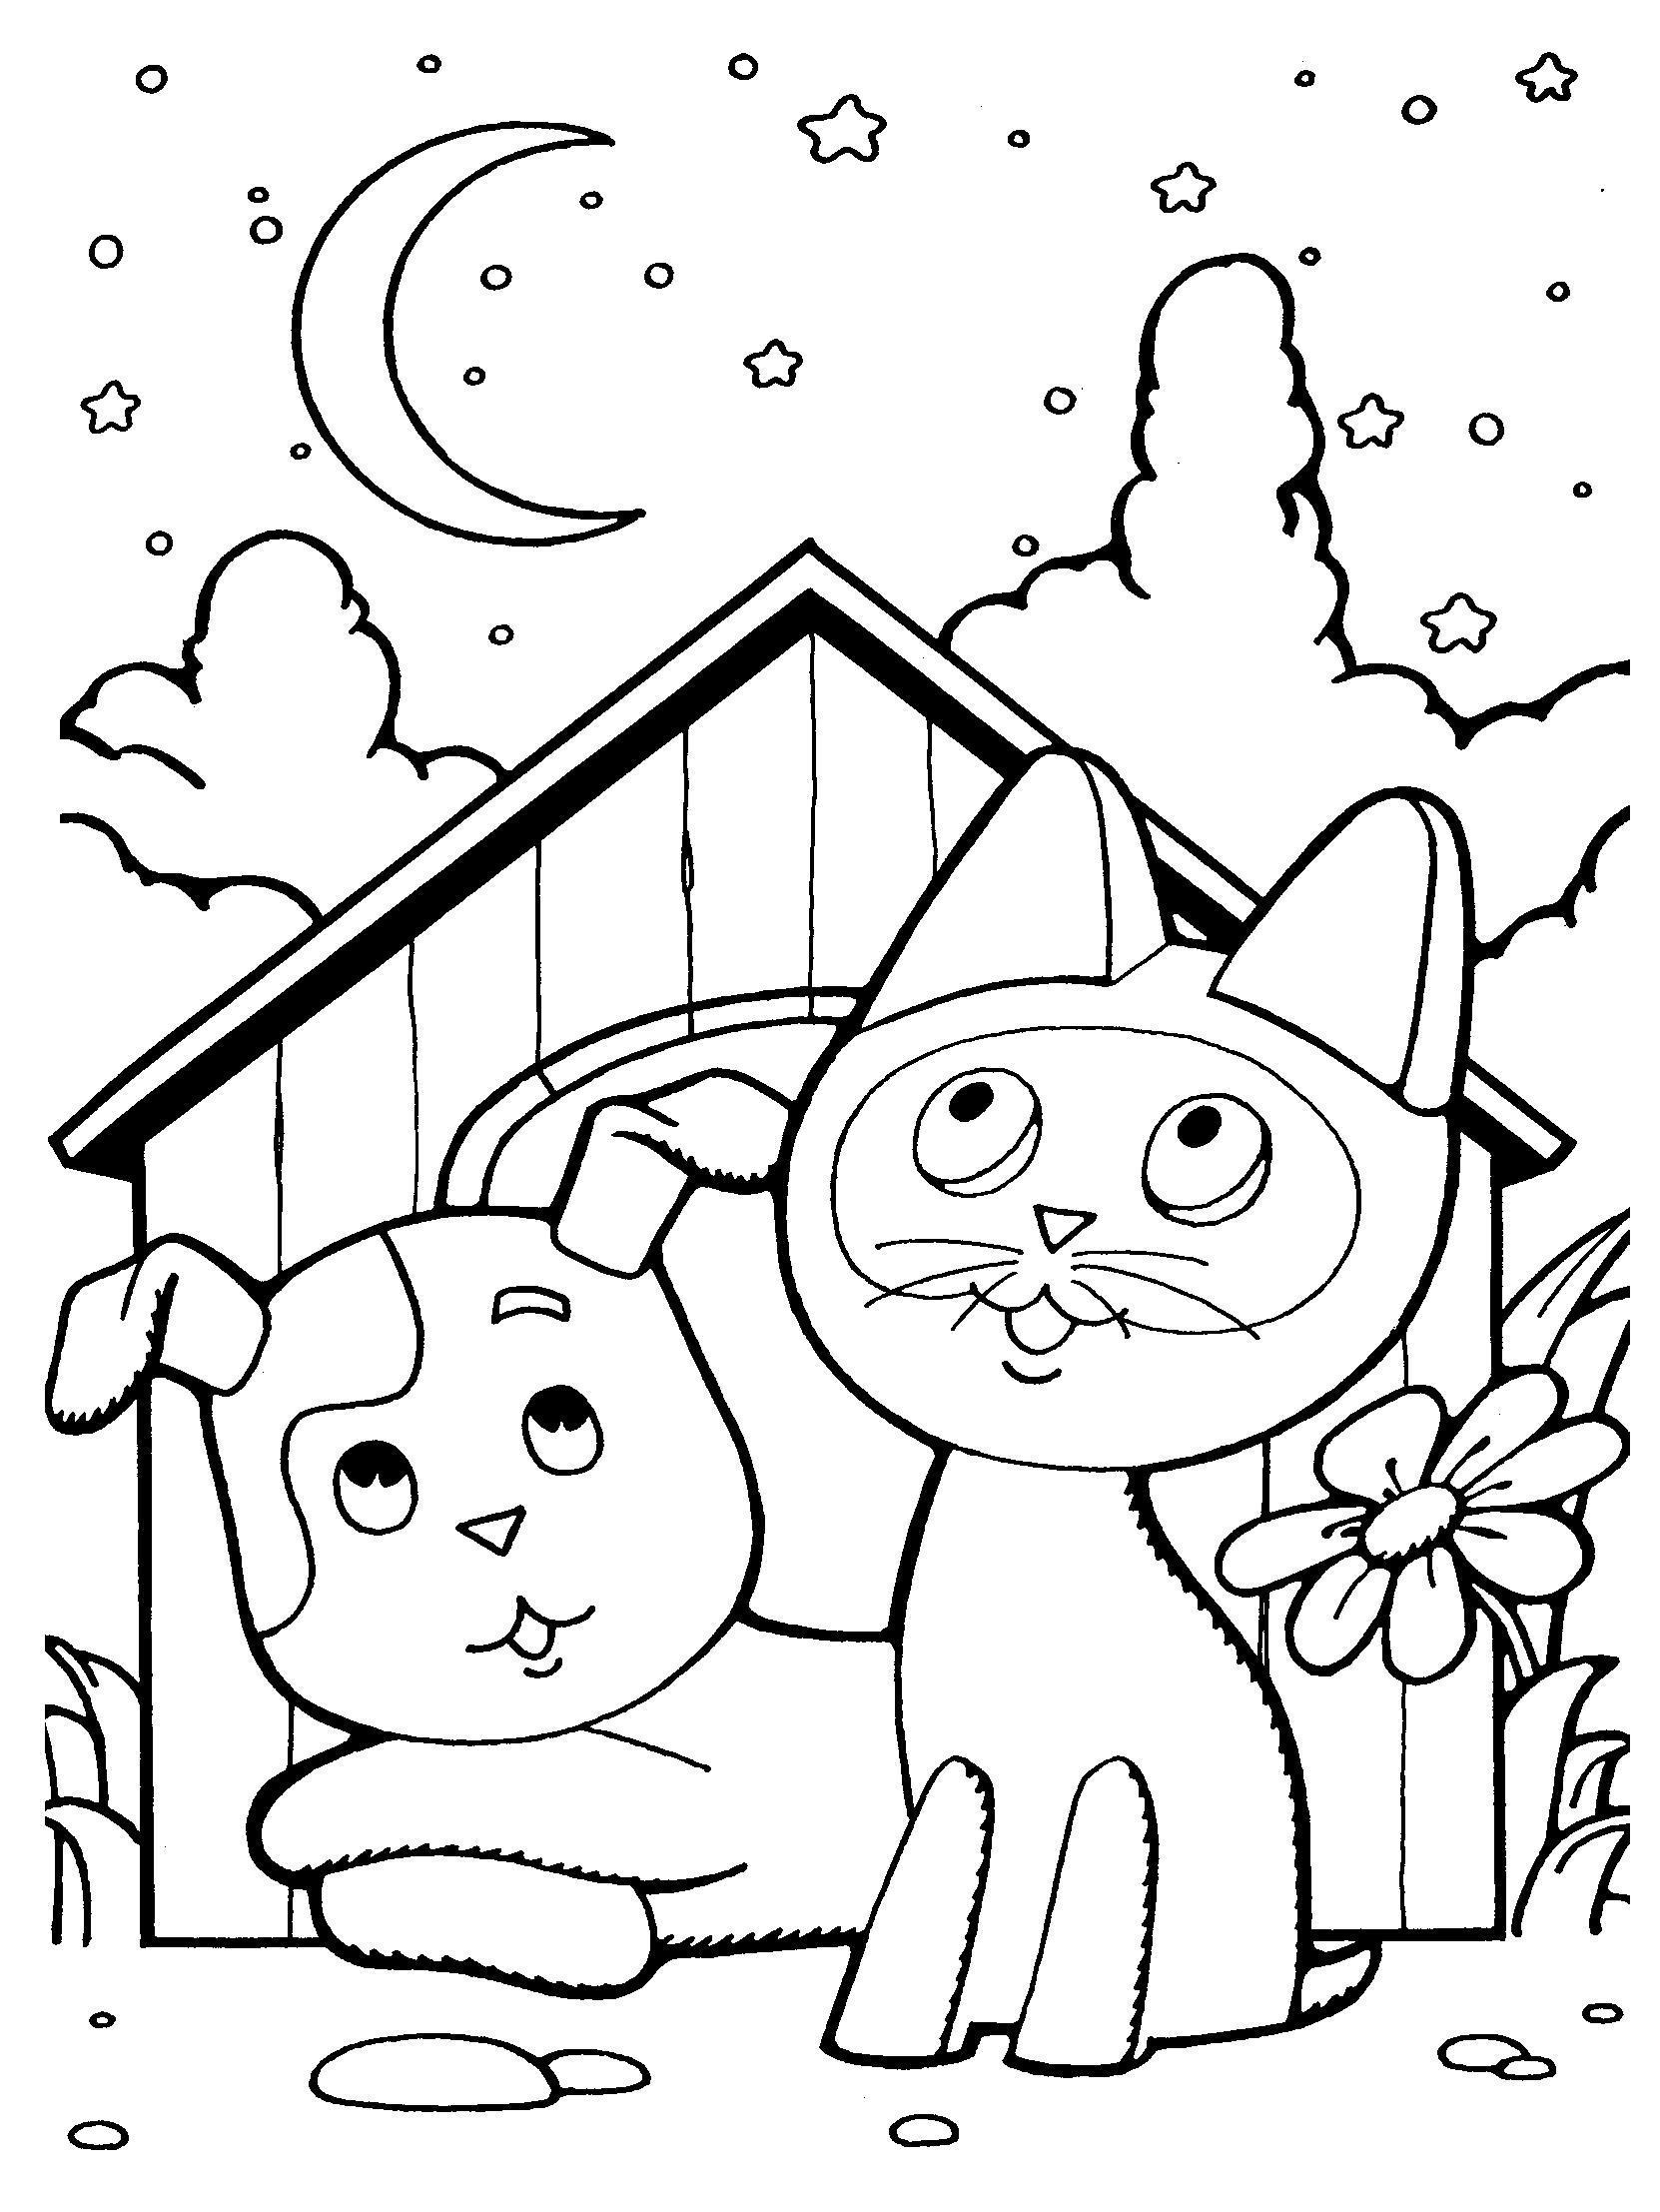 Котенок гав и пес возле будки смотрят на звезды Раскраски для девочек бесплатно